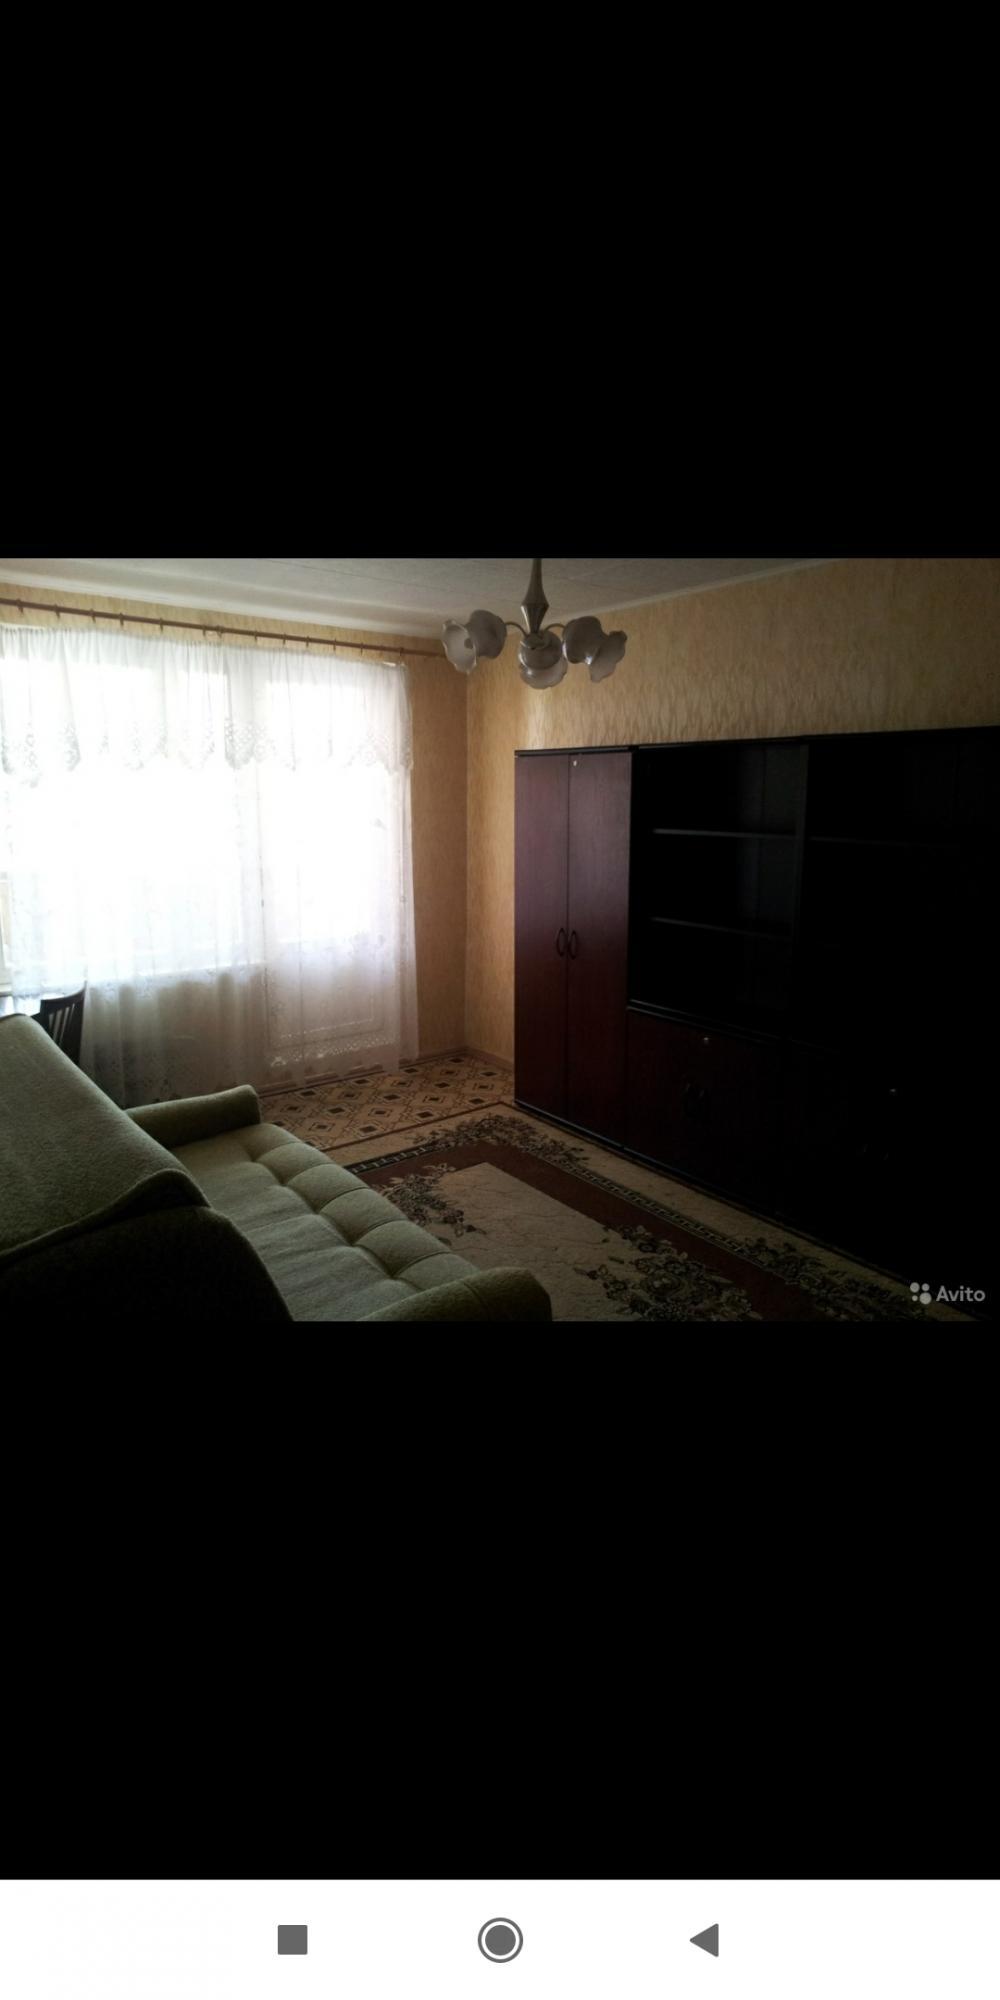 Квартира, 2 комнаты, 47 м² в Москве 89264336840 купить 4